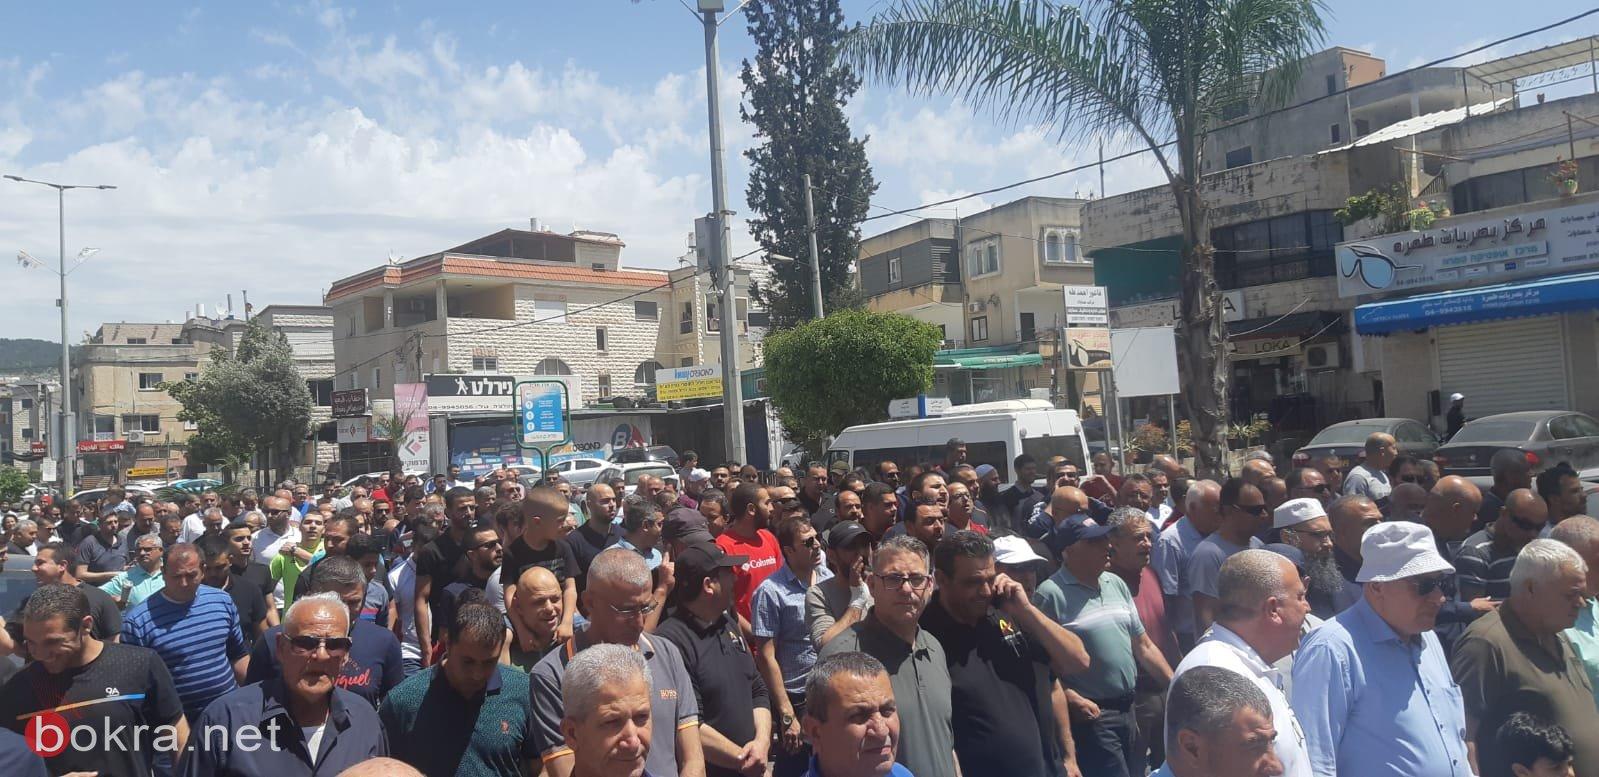 طمرة تنبذ العنف بمسيرة حملت عنوان وقفة بلد